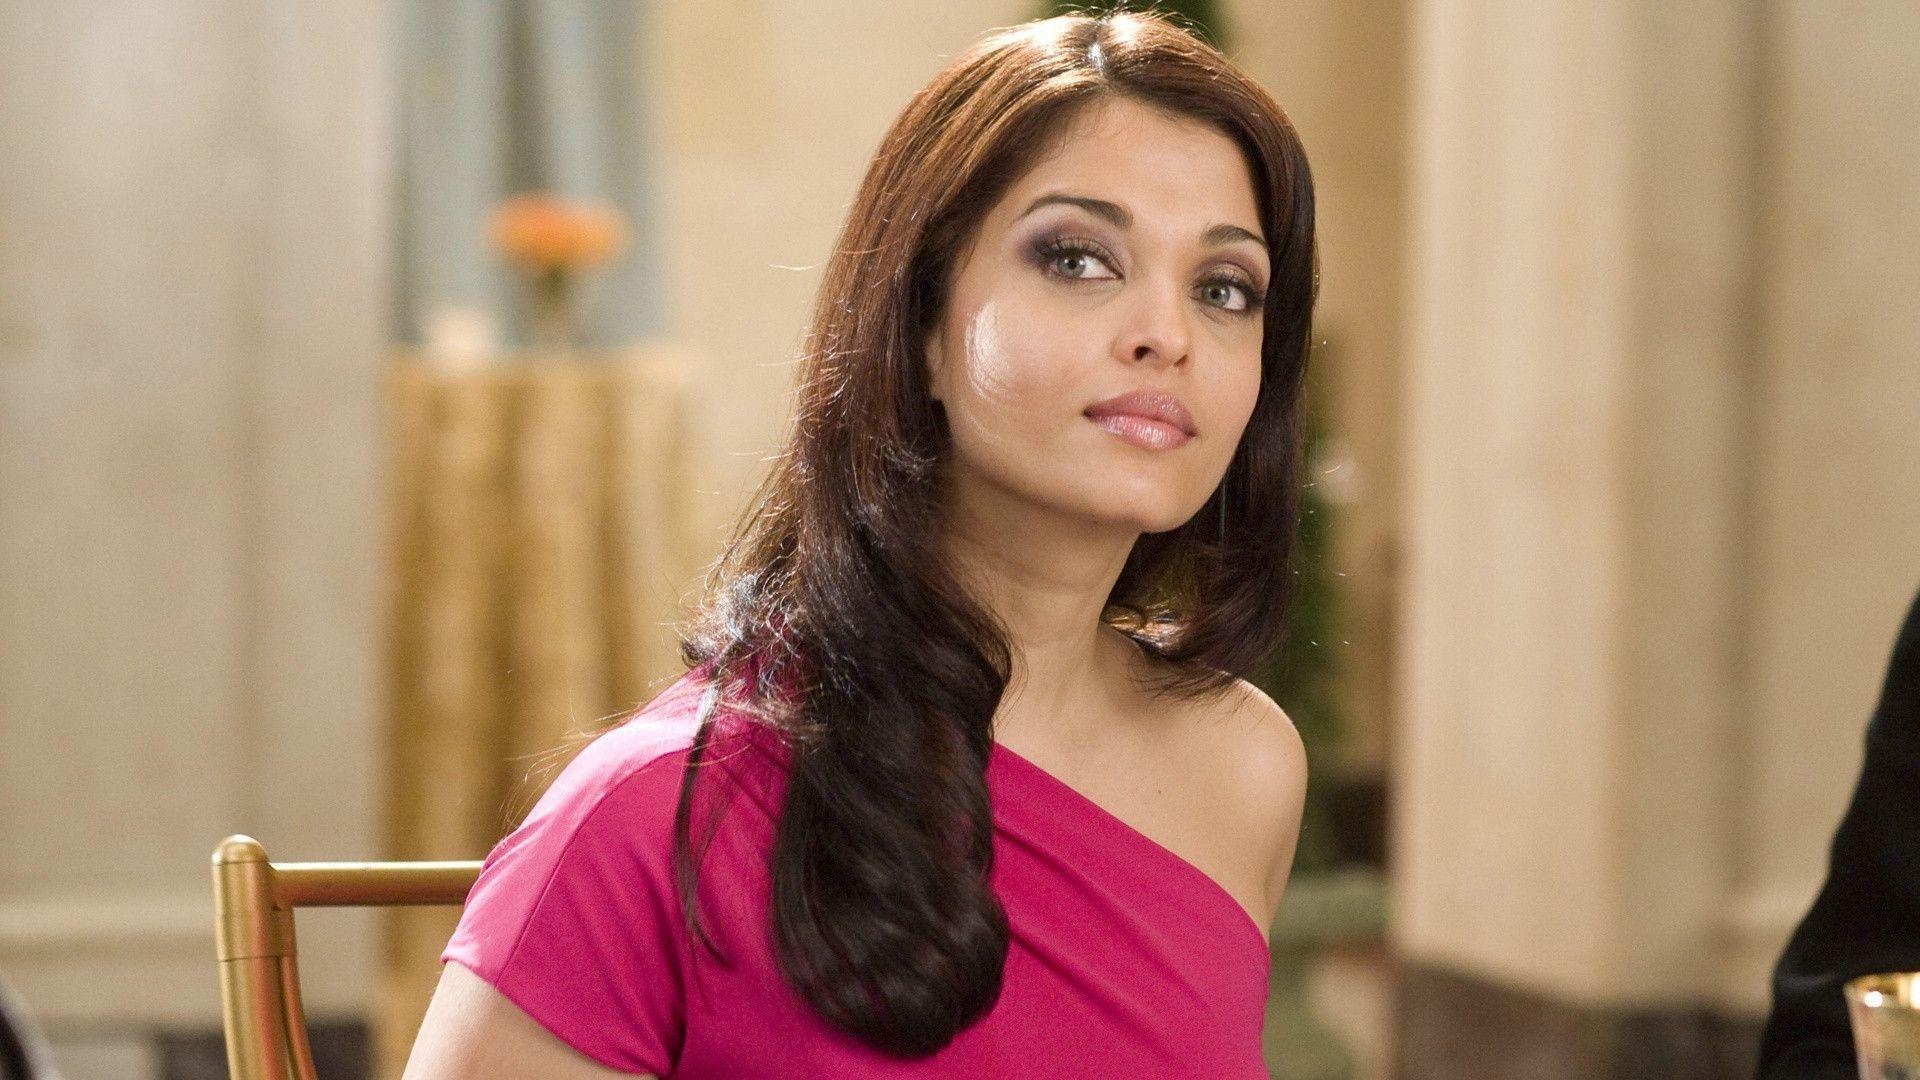 Hd wallpaper bollywood - Hd Bollywood Actress Wallpaper 619396 Actress Pinterest Actress Wallpaper Wallpaper And Hd Wallpaper